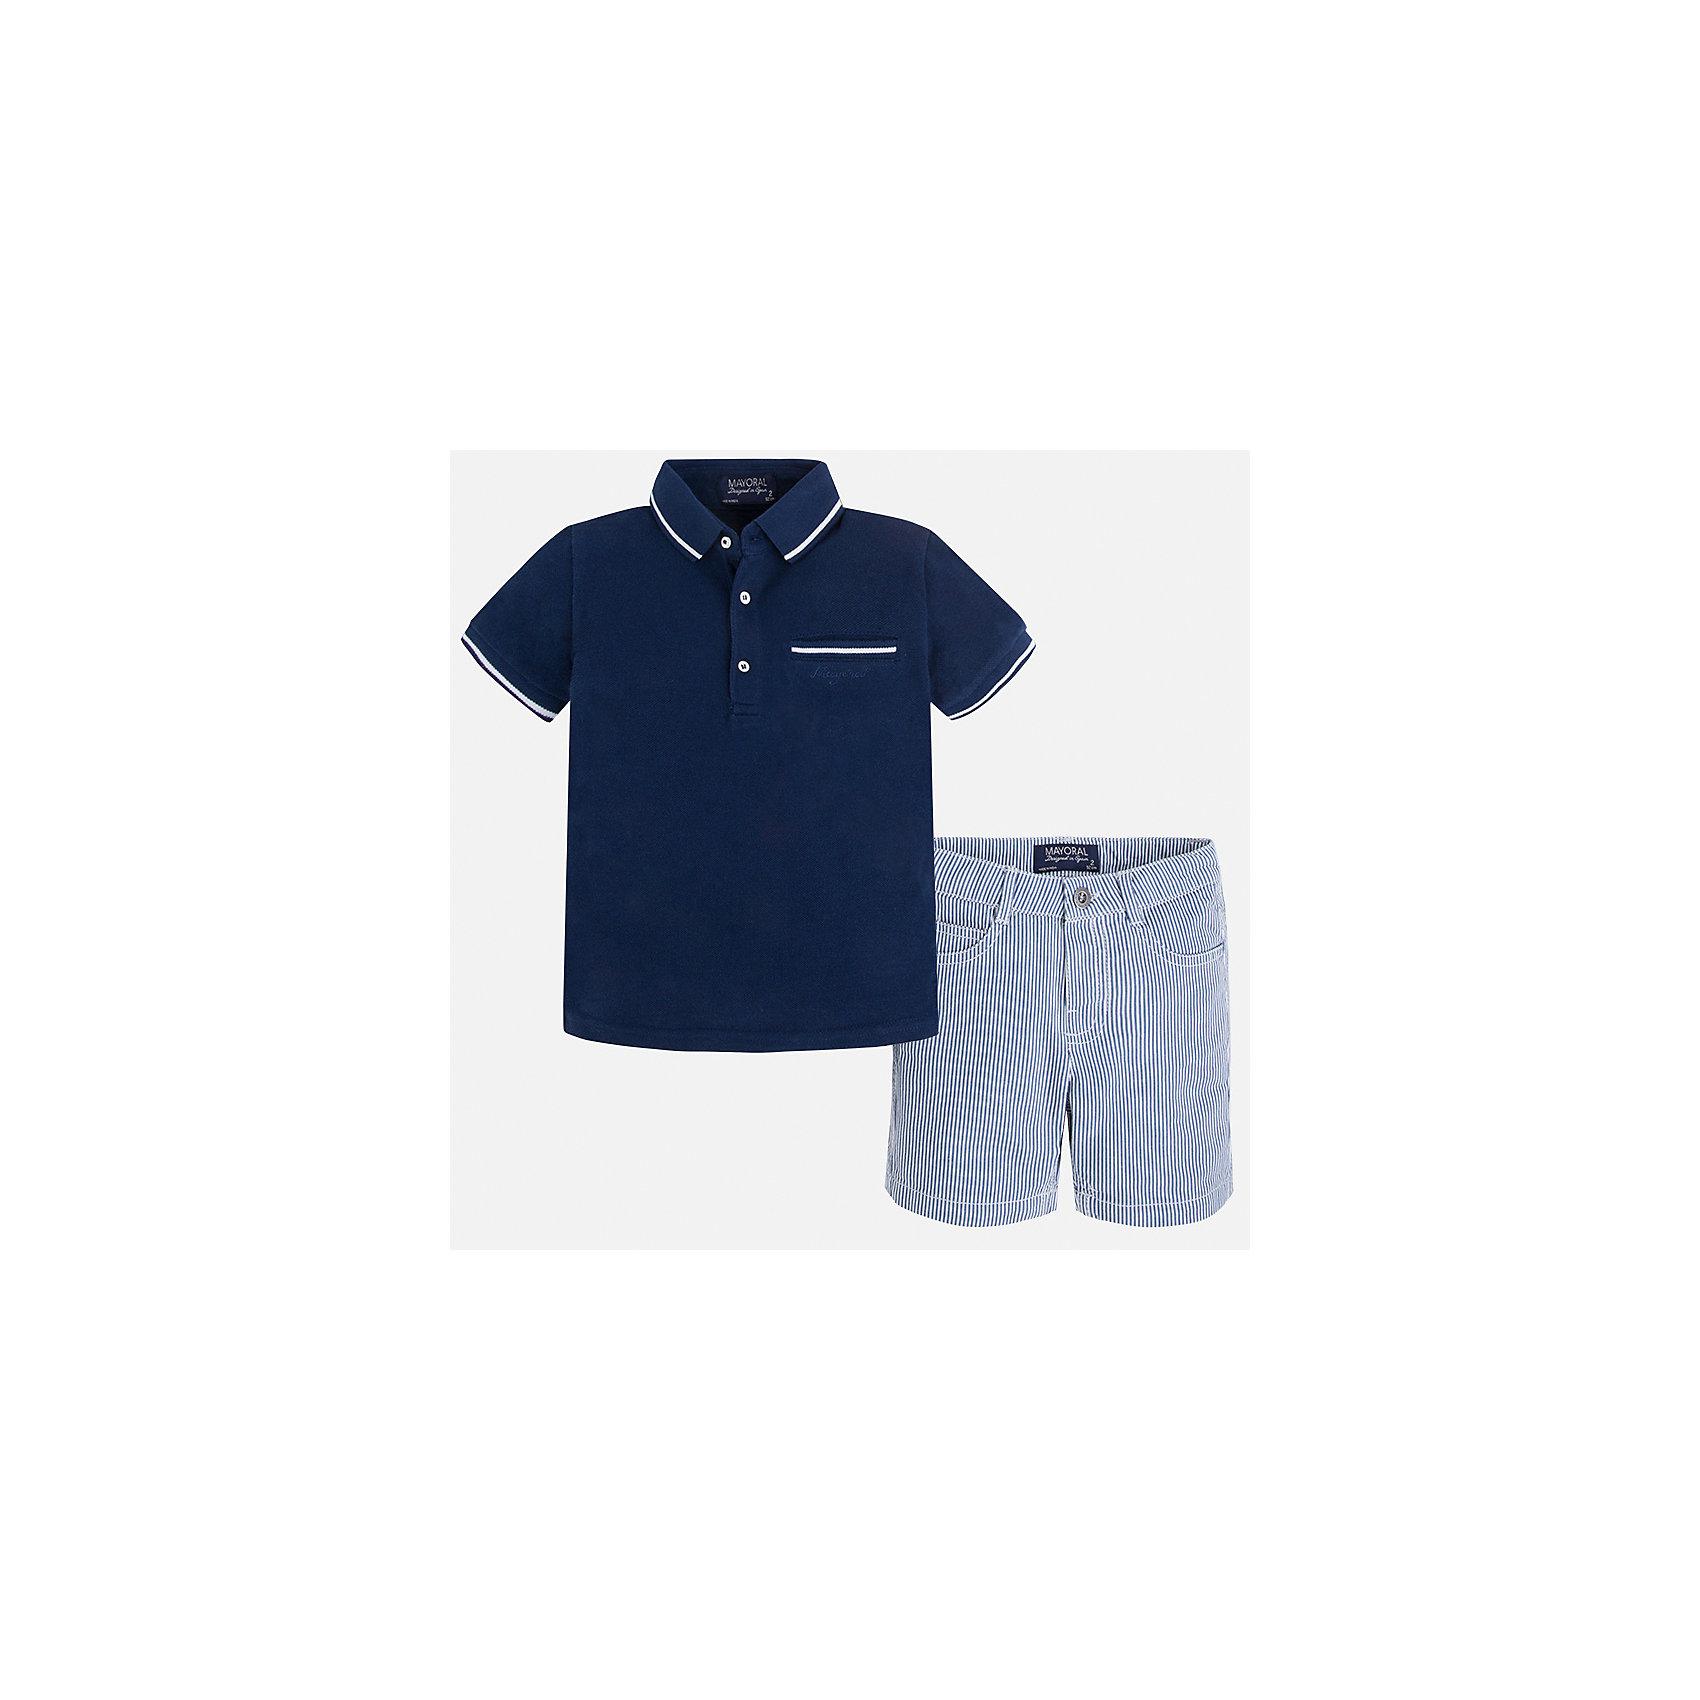 Комплект: футболка-поло и шорты для мальчика MayoralКомплекты<br>Характеристики товара:<br><br>• цвет: синий/голубой<br>• состав: 100% хлопок<br>• комплектация: футболка, шорты<br>• футболка-поло с карманом<br>• отложной воротник, короткие рукава<br>• шорты с карманами<br>• шлевки<br>• пояс регулируется<br>• страна бренда: Испания<br><br>Красивый качественный комплект для мальчика поможет разнообразить гардероб ребенка и удобно одеться в теплую погоду. Он отлично сочетается с другими предметами. Универсальный цвет позволяет подобрать к вещам верхнюю одежду практически любой расцветки. Интересная отделка модели делает её нарядной и оригинальной. В составе материала - только натуральный хлопок, гипоаллергенный, приятный на ощупь, дышащий.<br><br>Одежда, обувь и аксессуары от испанского бренда Mayoral полюбились детям и взрослым по всему миру. Модели этой марки - стильные и удобные. Для их производства используются только безопасные, качественные материалы и фурнитура. Порадуйте ребенка модными и красивыми вещами от Mayoral! <br><br>Комплект для мальчика от испанского бренда Mayoral (Майорал) можно купить в нашем интернет-магазине.<br><br>Ширина мм: 191<br>Глубина мм: 10<br>Высота мм: 175<br>Вес г: 273<br>Цвет: синий<br>Возраст от месяцев: 84<br>Возраст до месяцев: 96<br>Пол: Мужской<br>Возраст: Детский<br>Размер: 128,92,134,104,98,110,116,122<br>SKU: 5272756